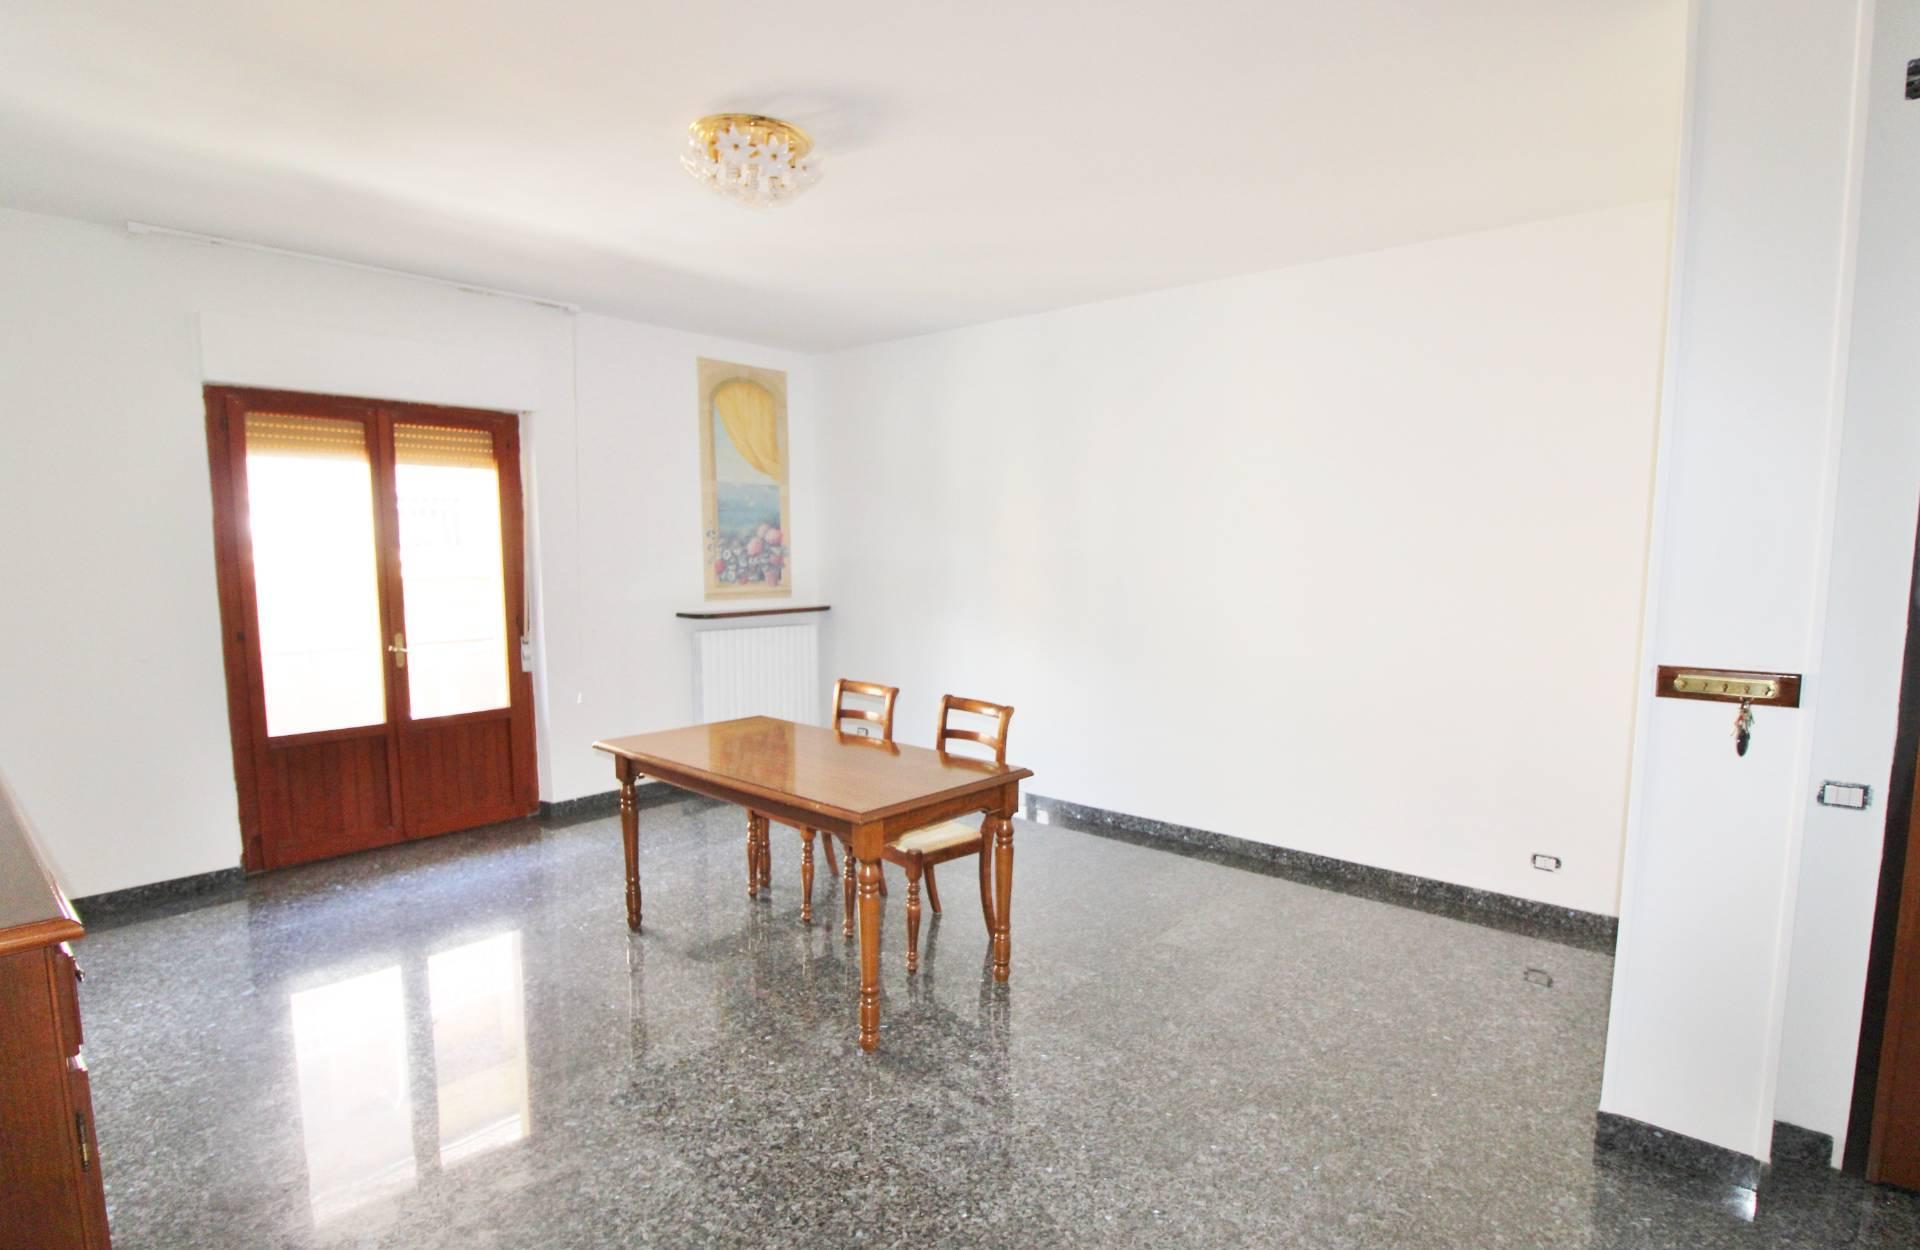 Appartamento in vendita a Monteprandone, 5 locali, zona Località: CENTOBUCHI(sopralaSalaria, Trattative riservate   PortaleAgenzieImmobiliari.it